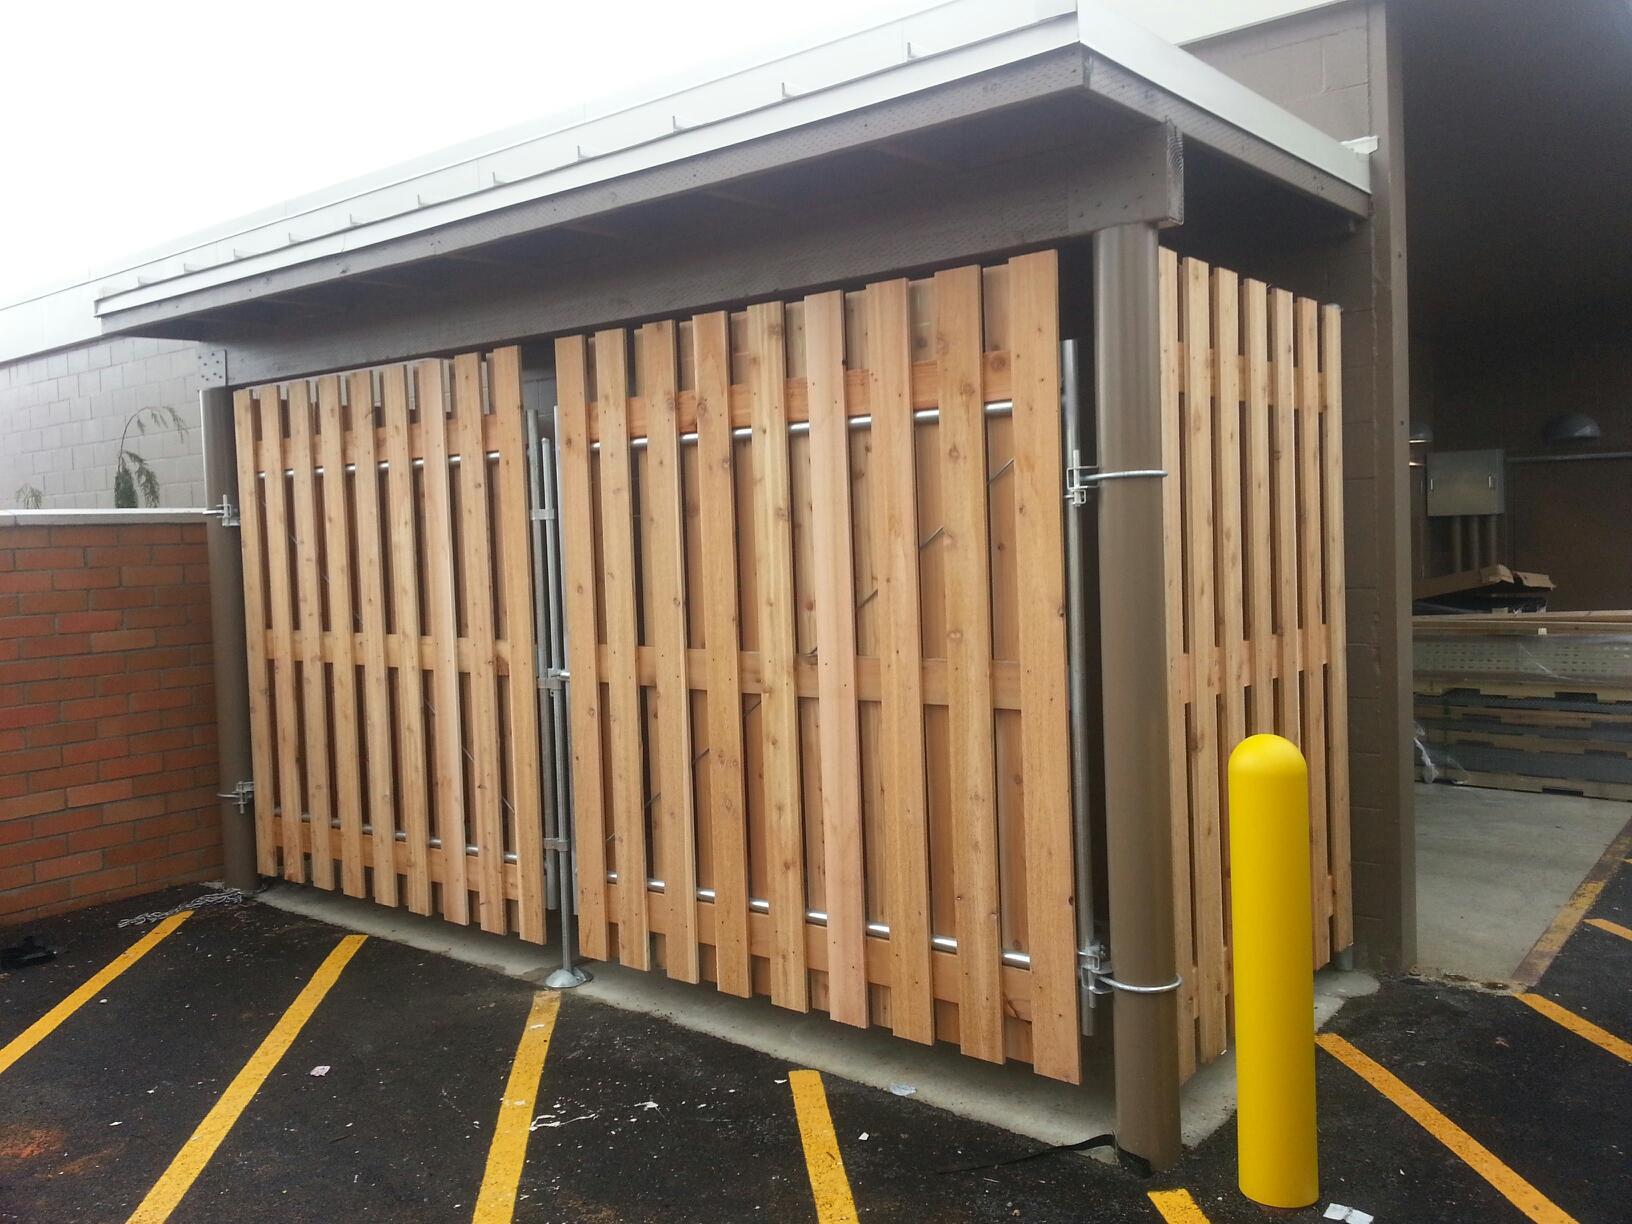 Economy Fence Center Mukilteo Washington Proview